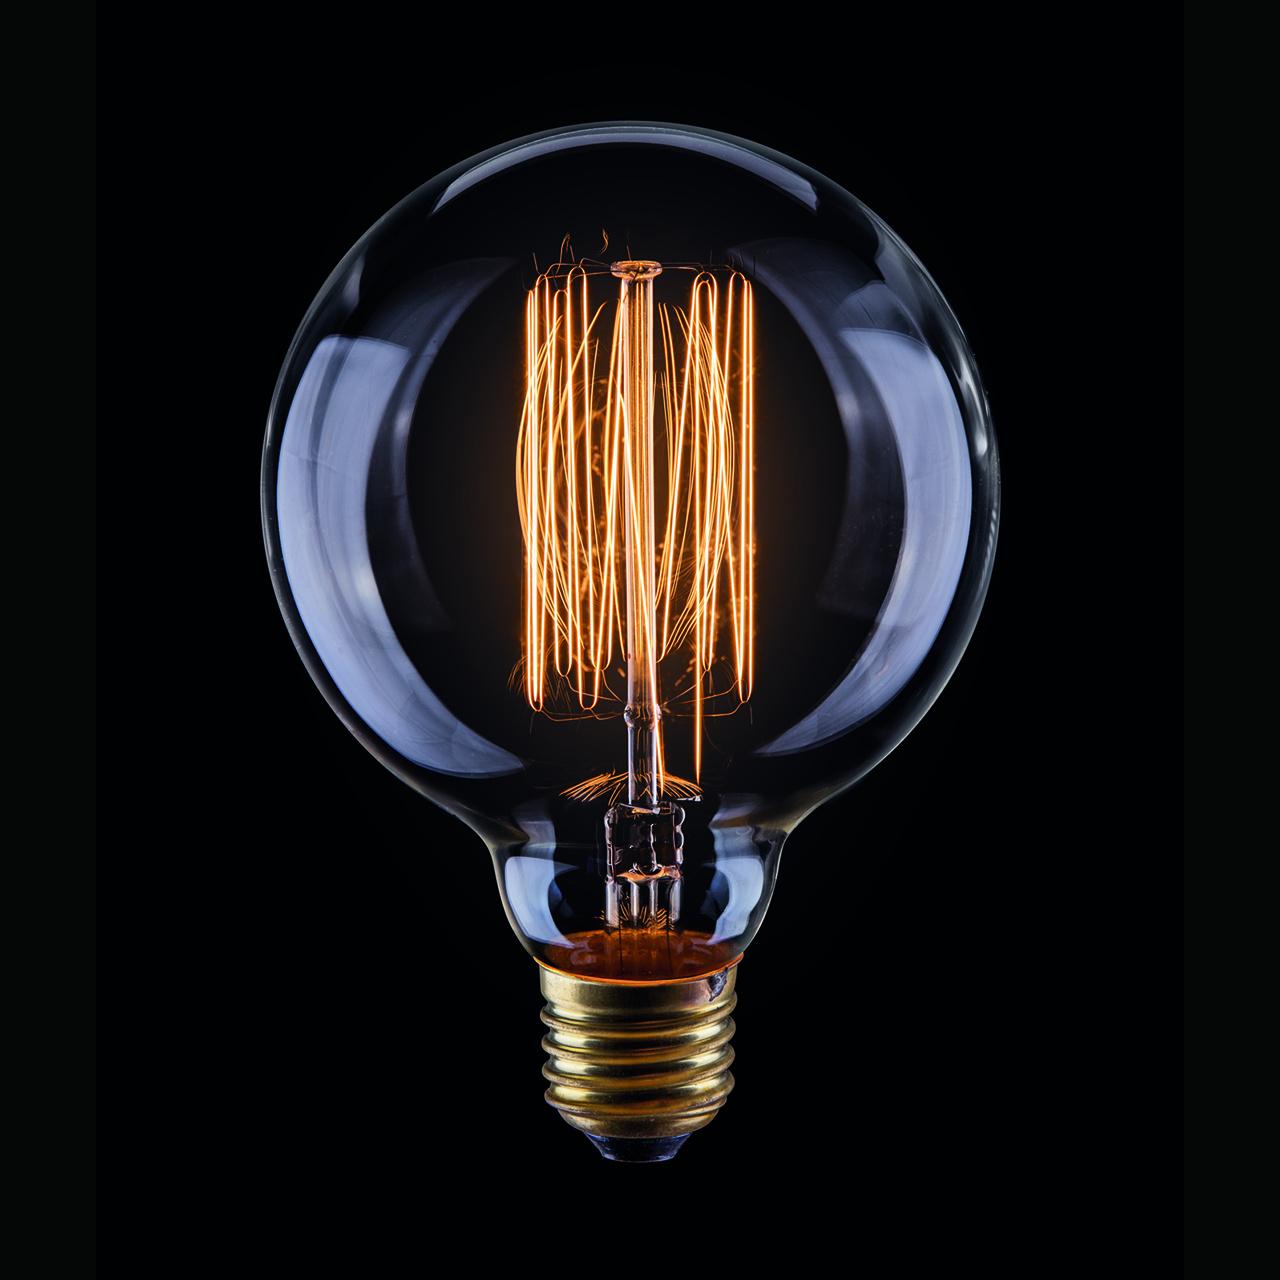 Лампа накаливания - плохой вариант для обогрева